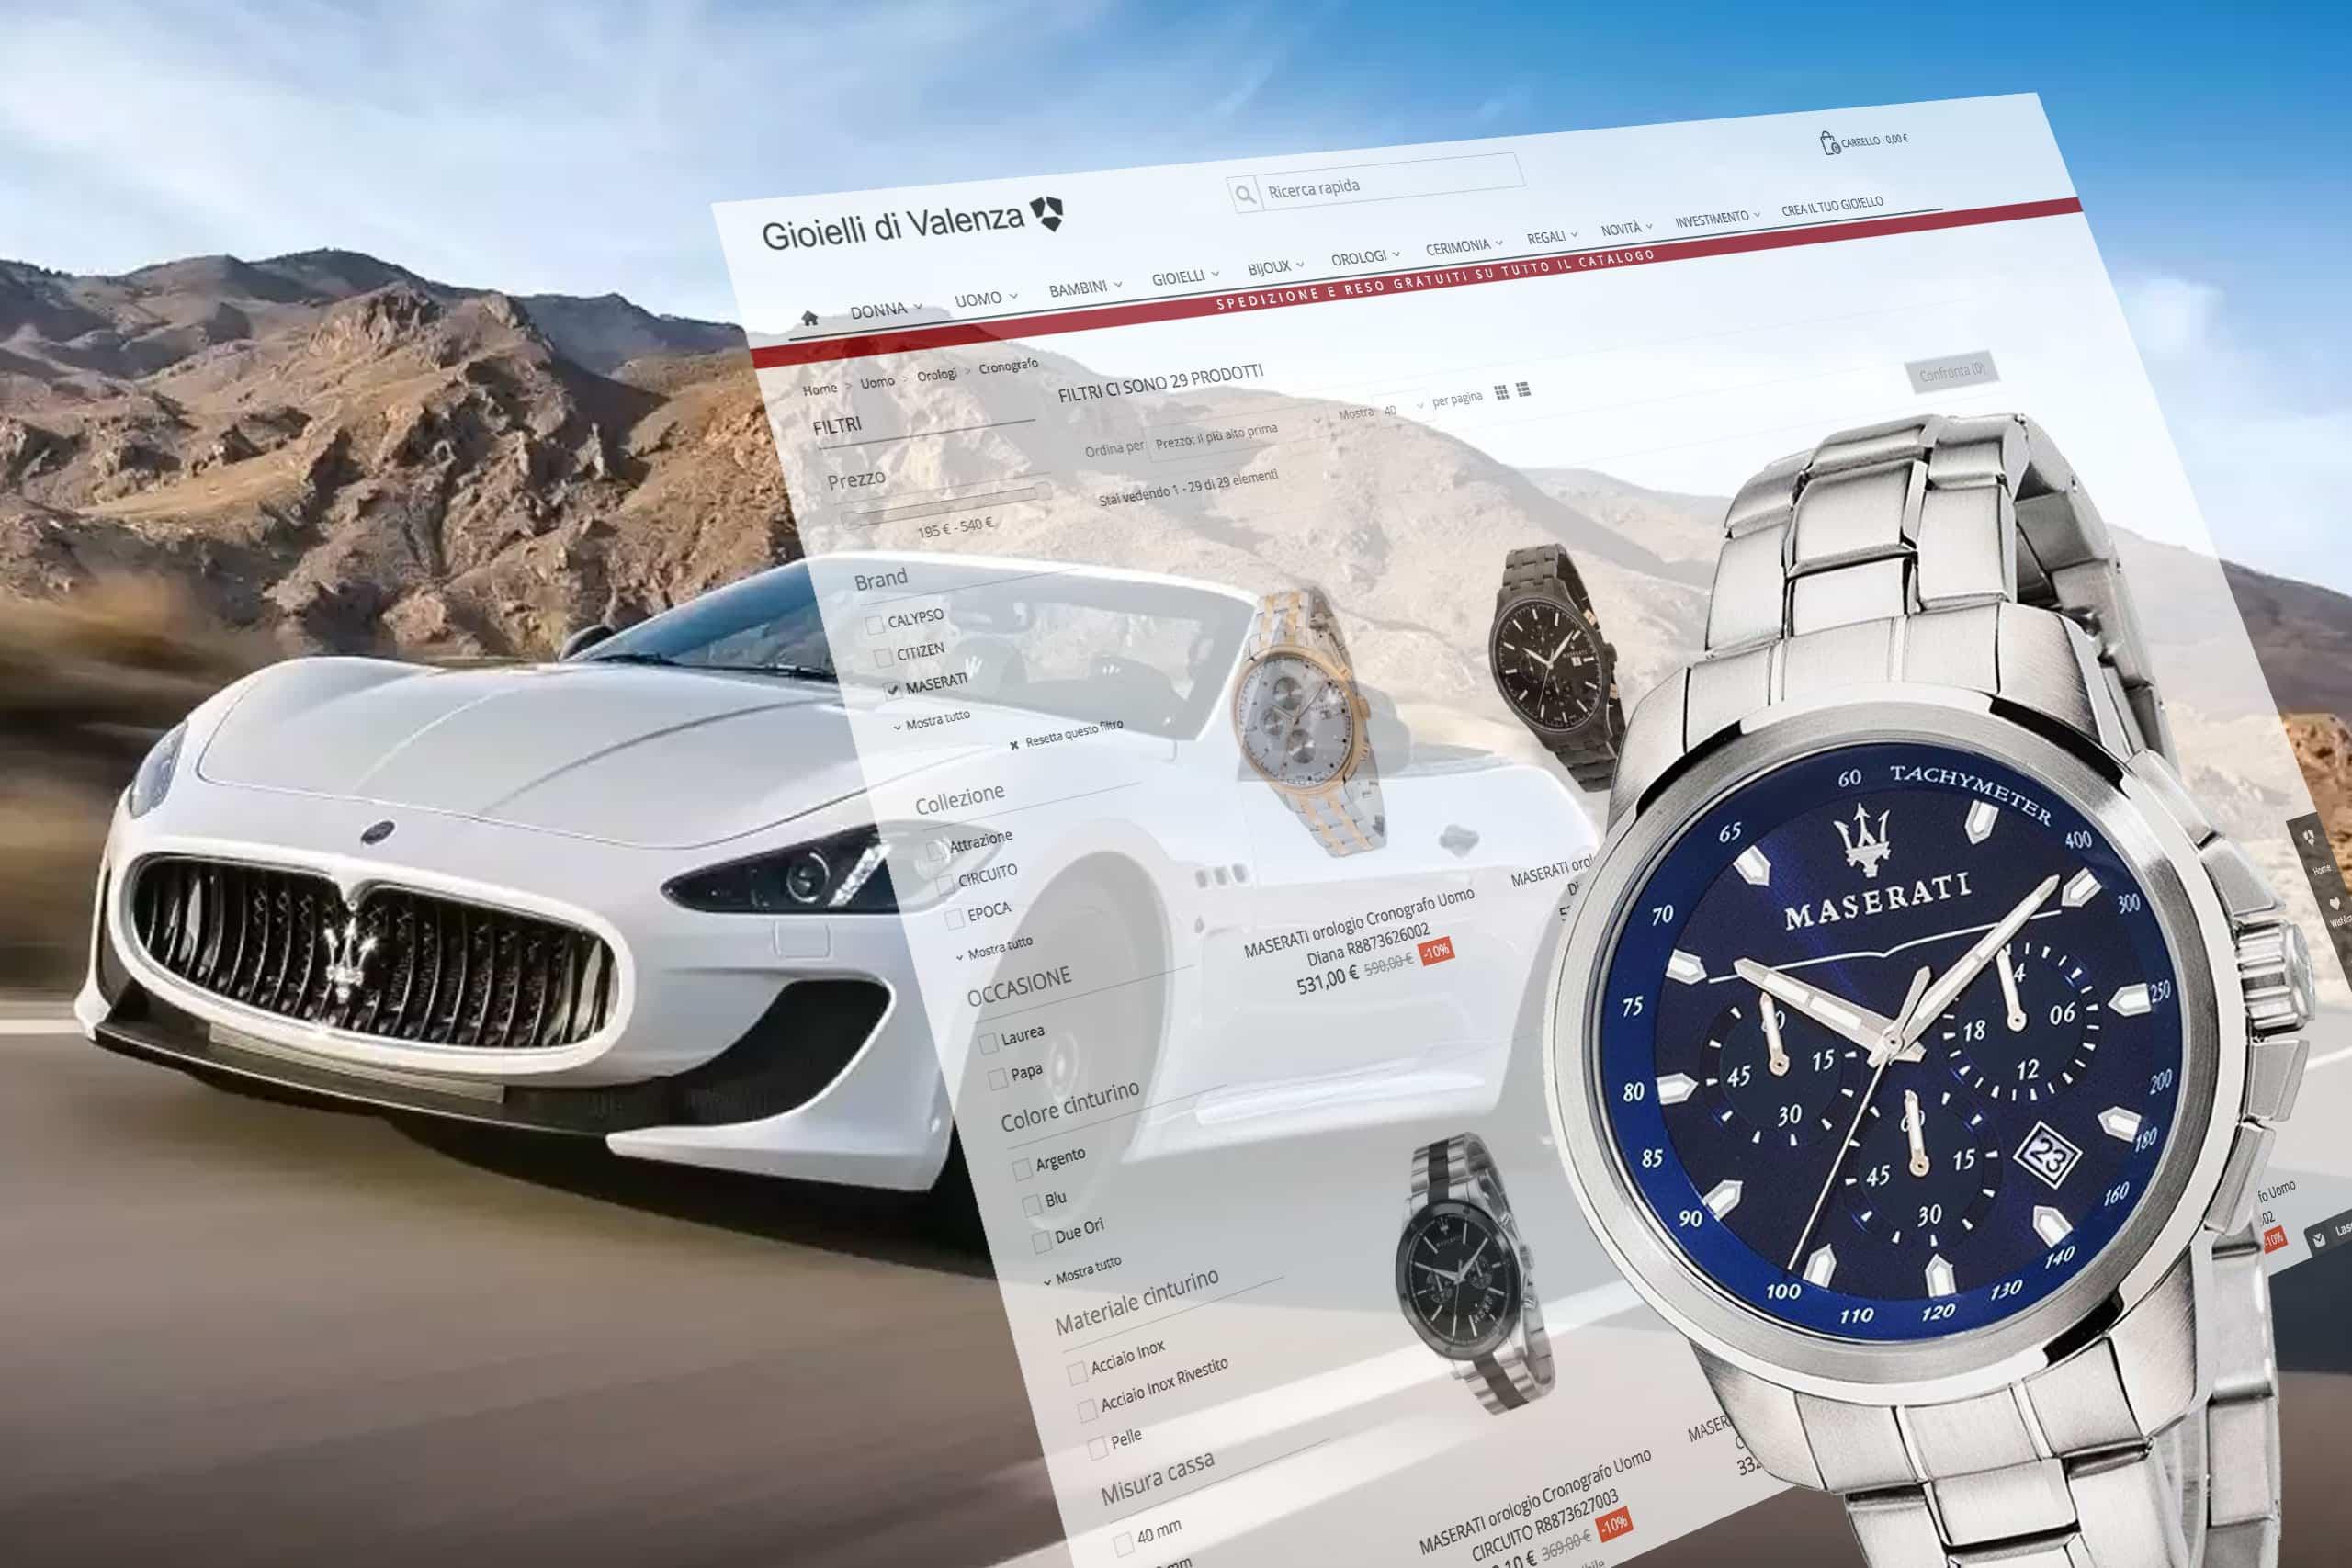 Realizzazione siti e-commerce & consulenza e-commerce